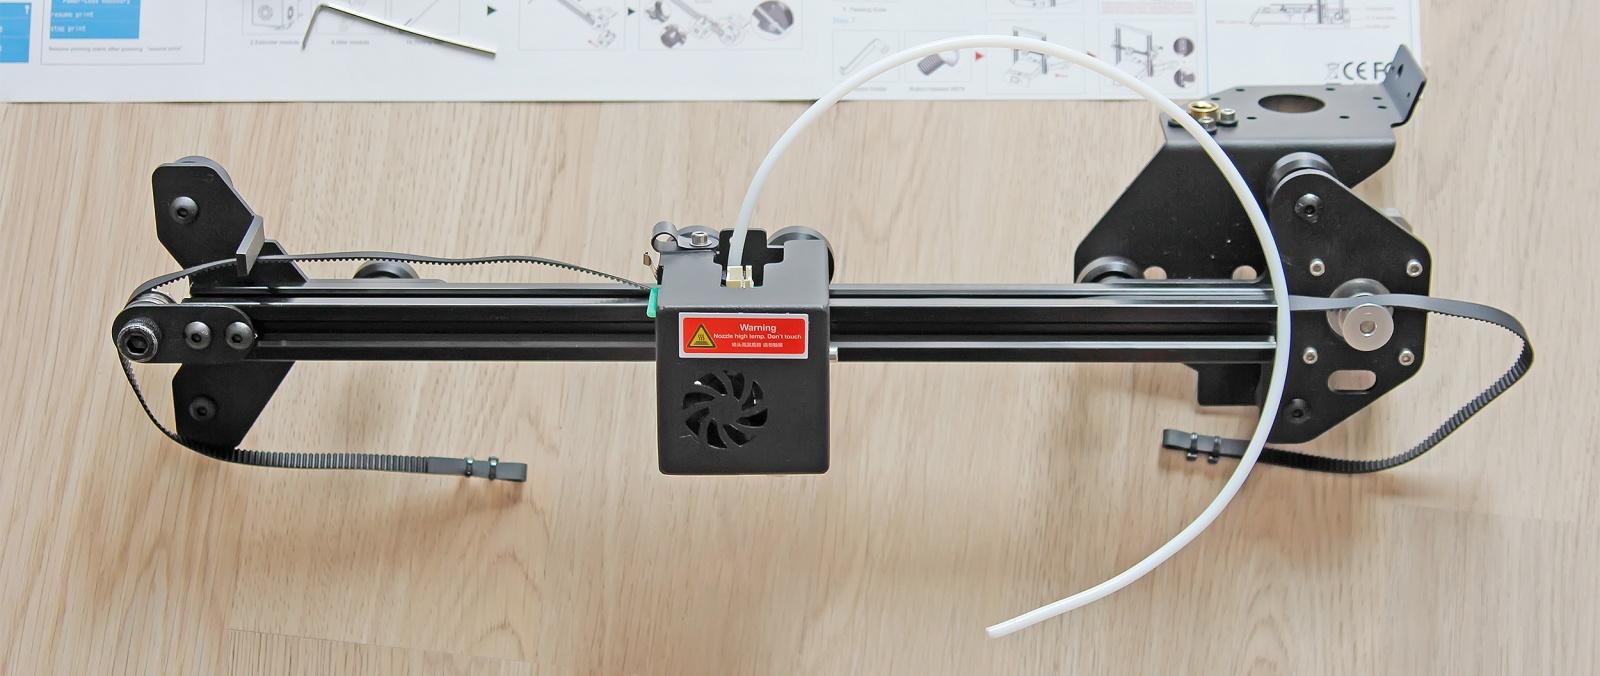 JG Maker — достойная альтернатива недорогим 3D-принтерам для начинающих - 26